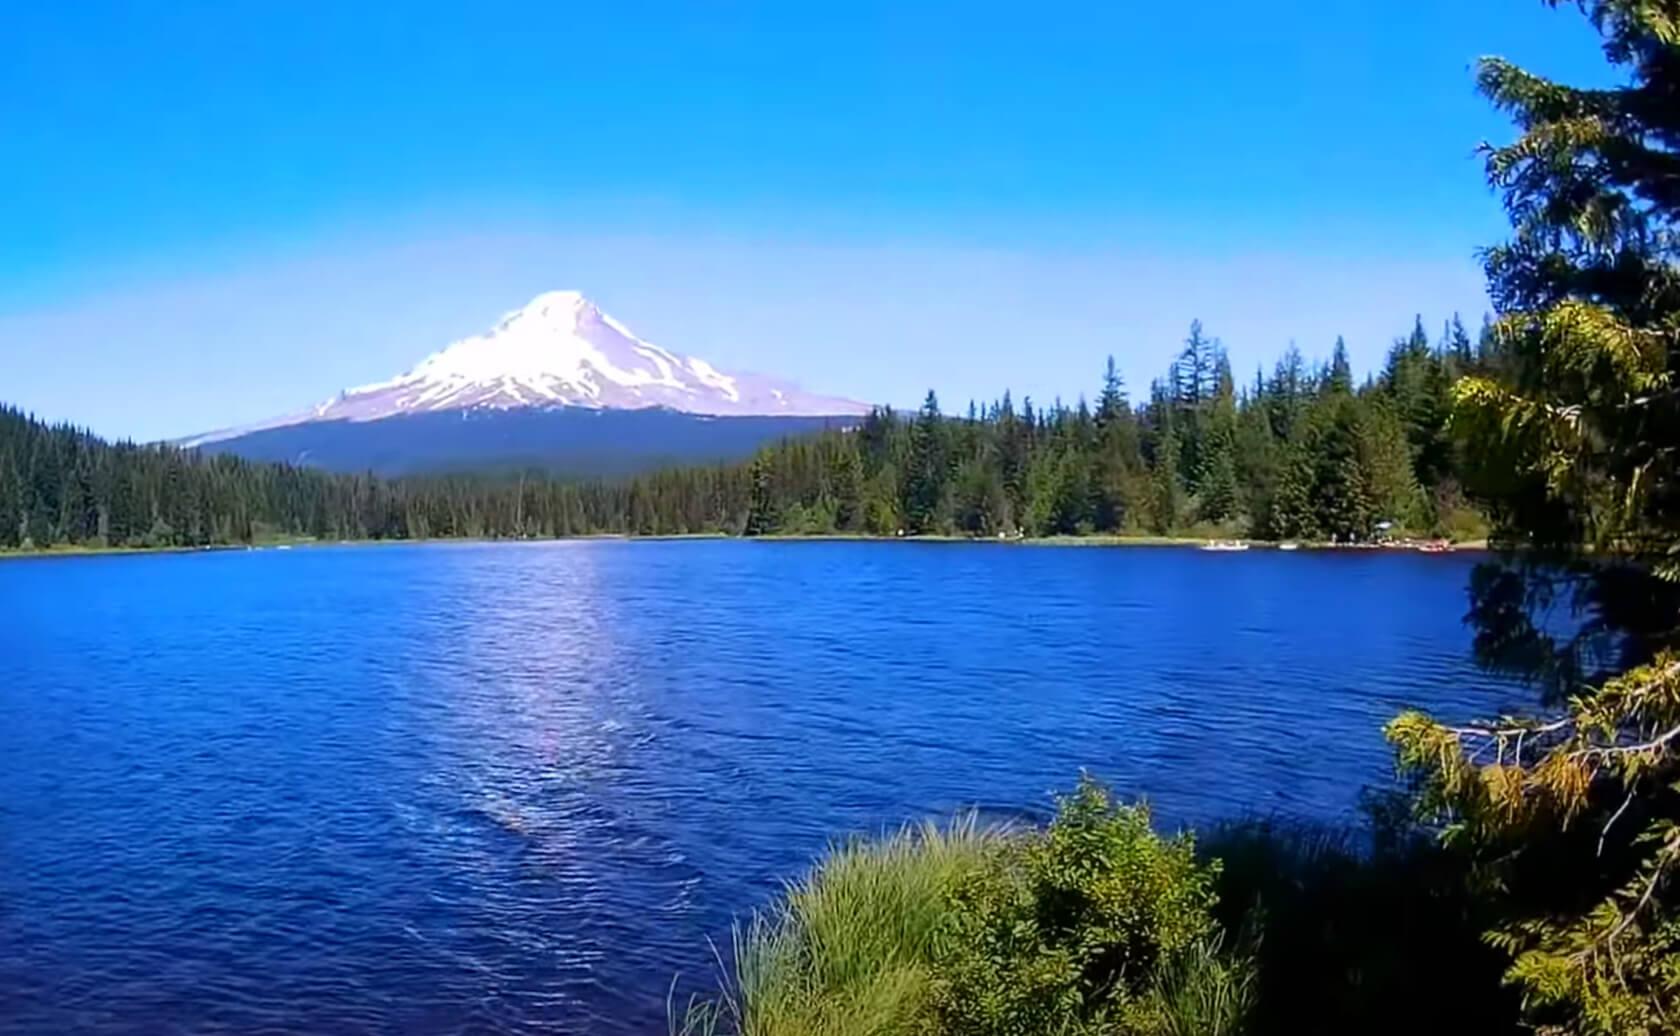 Trillium-Lake-fishing-guide-report-Oregon-05